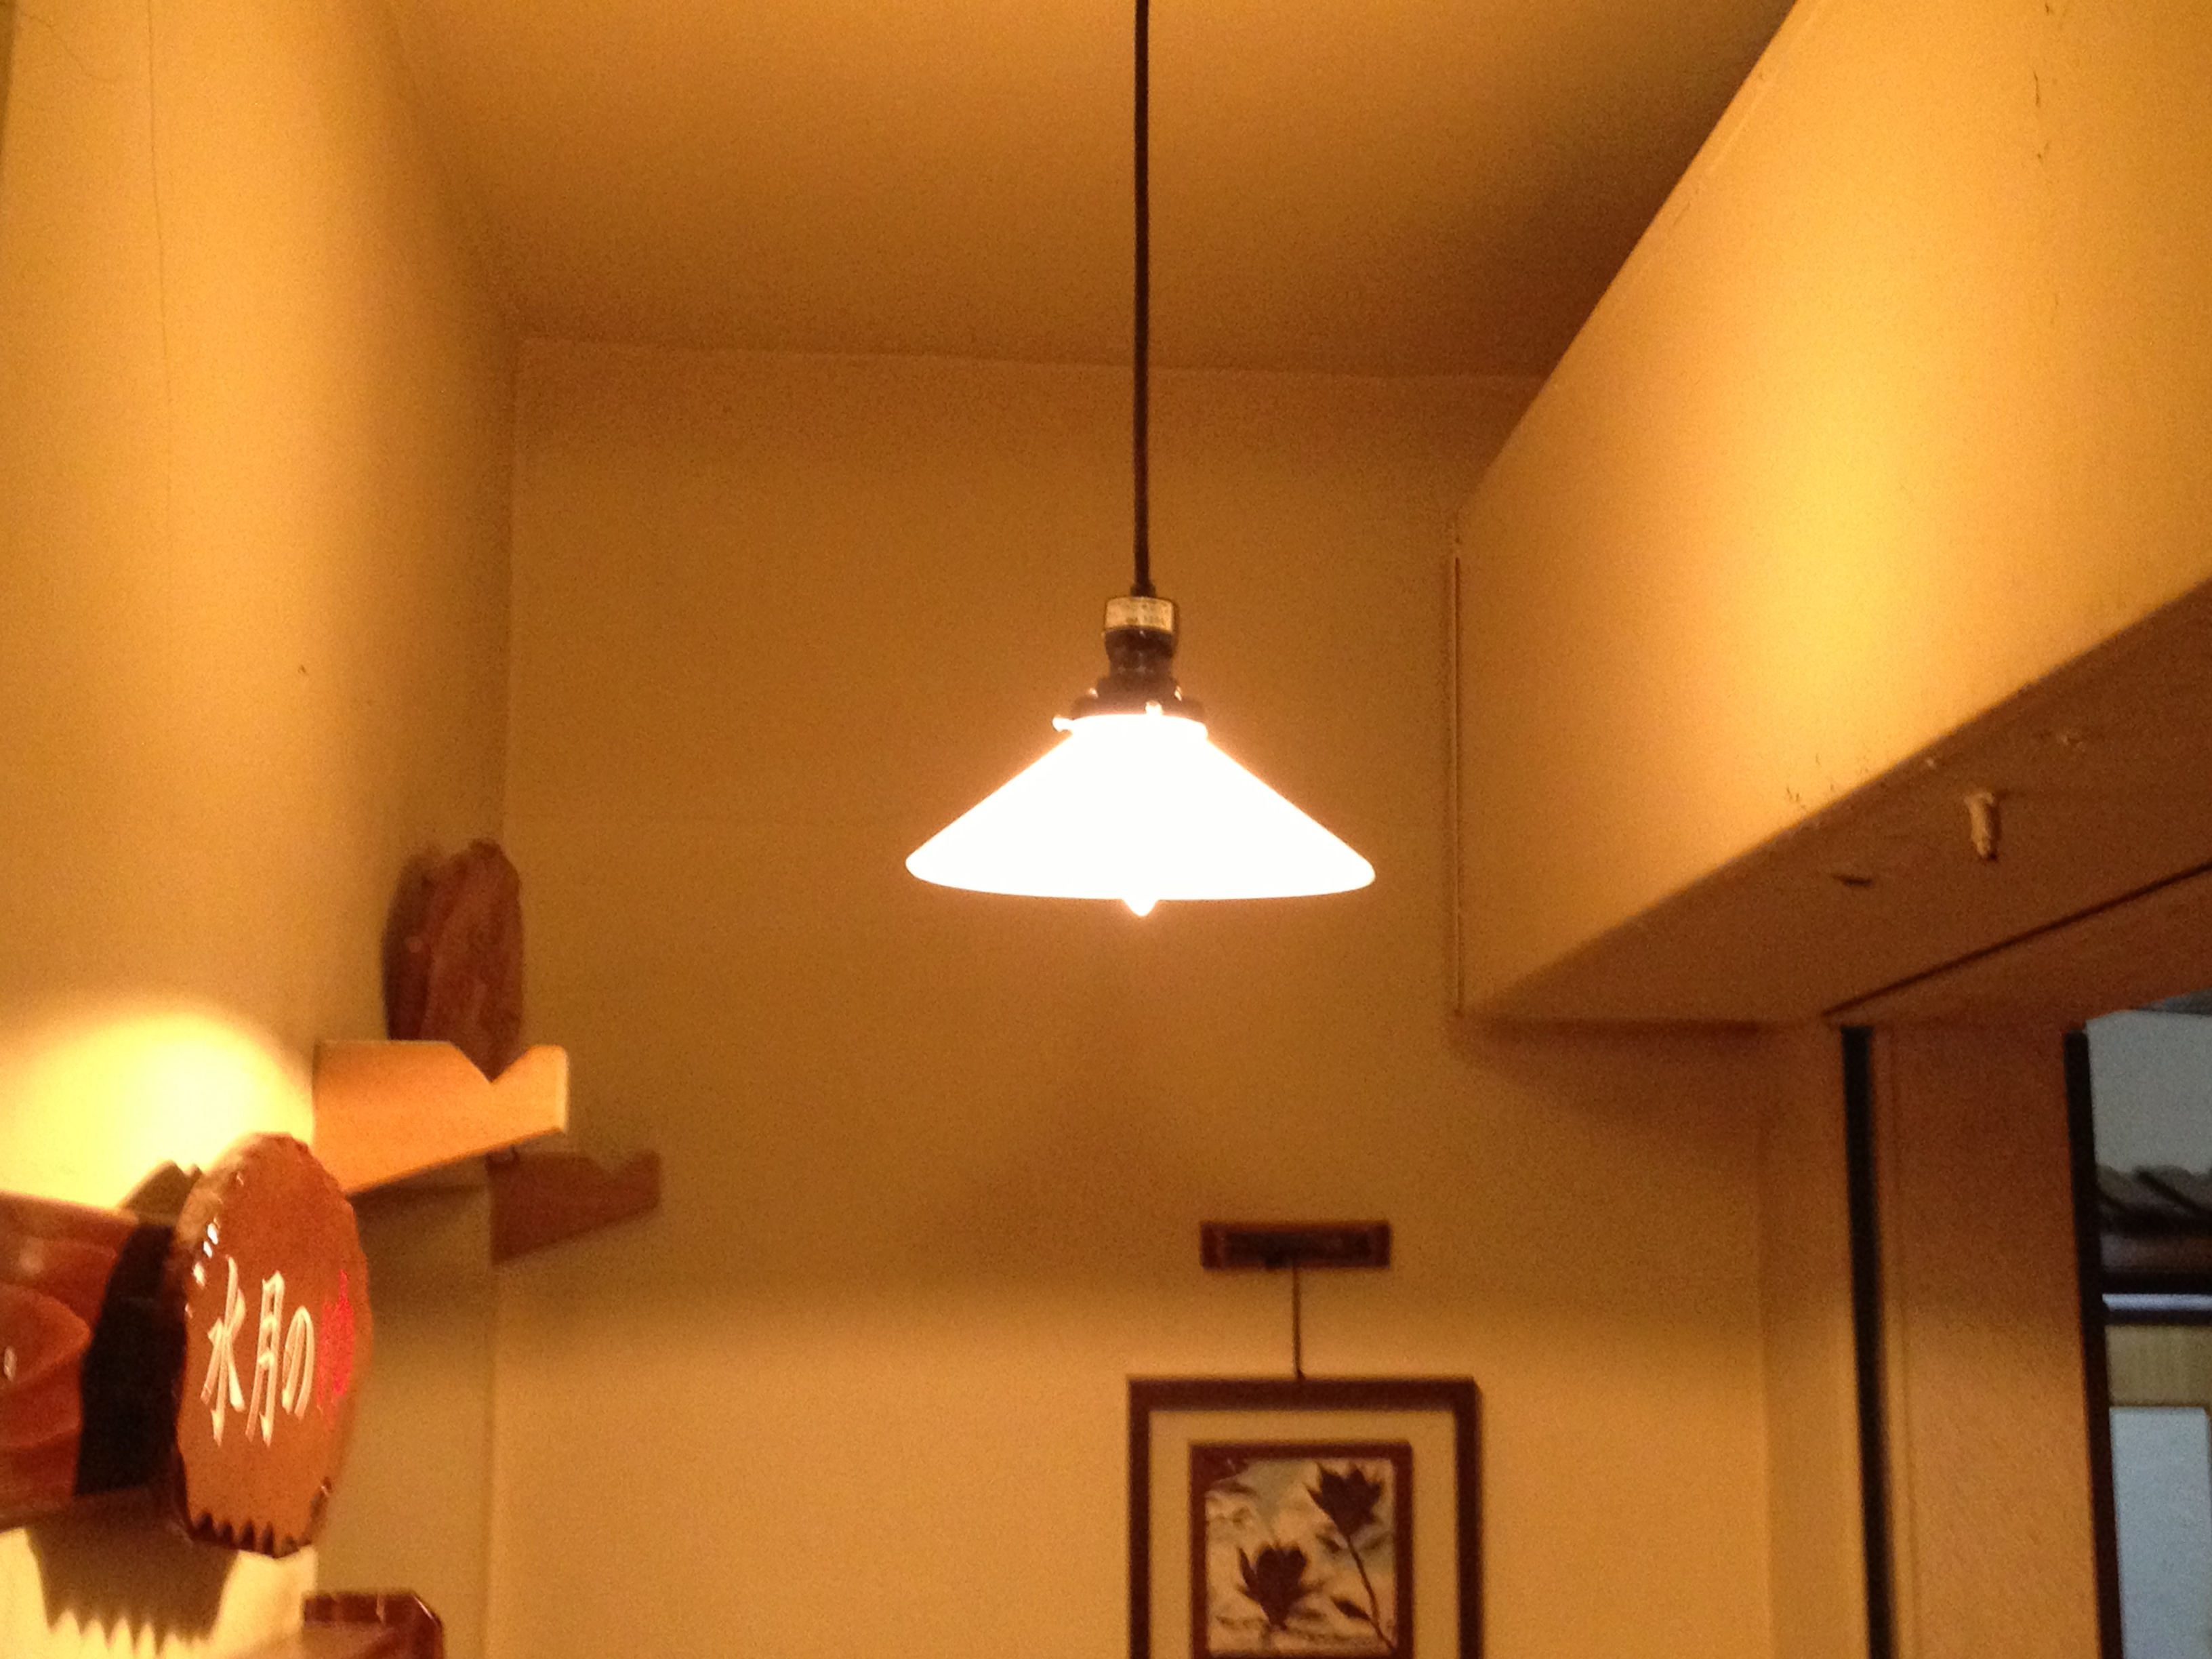 エジソン電球を使用したペンダントライト